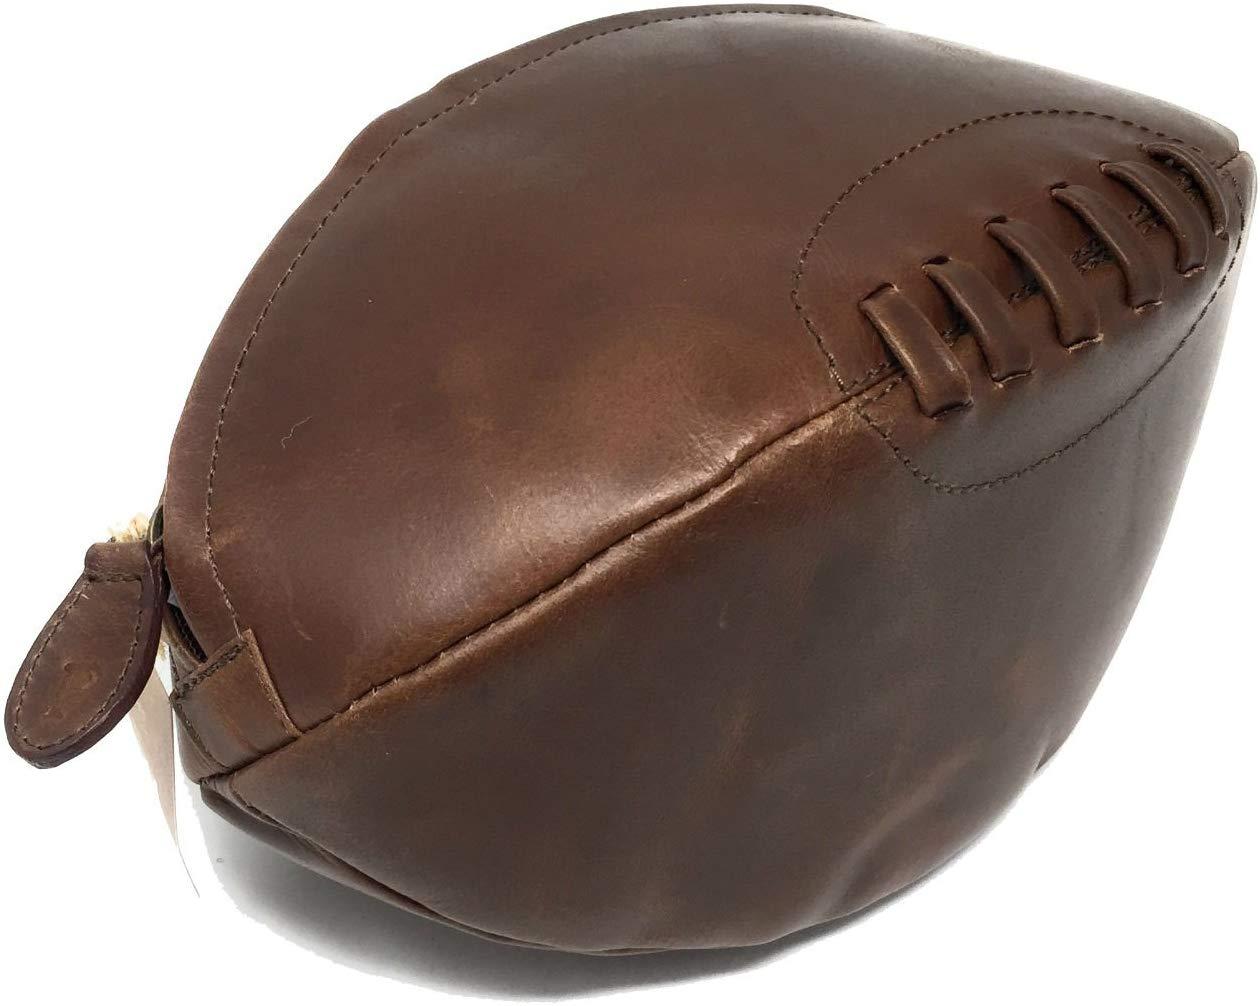 Stai cercando un regalo originale per un uomo sportivo? Ecco l'idea regalo che fa per te: Borsa da Bagno Pallone da Football Americano!